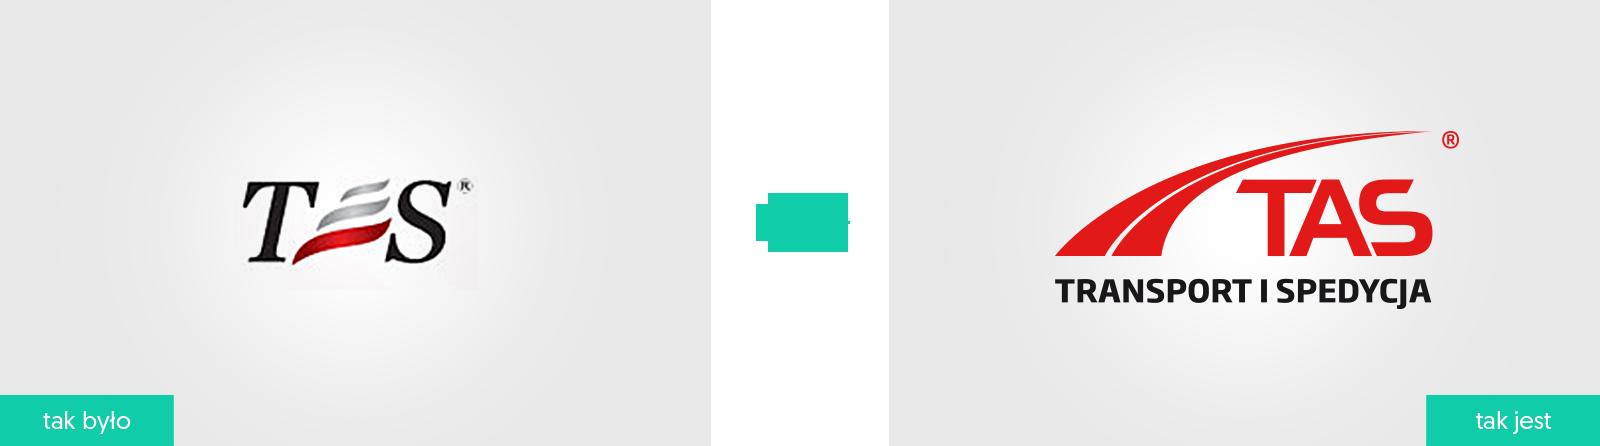 Tas-Spedycja logo firmowe rebranding